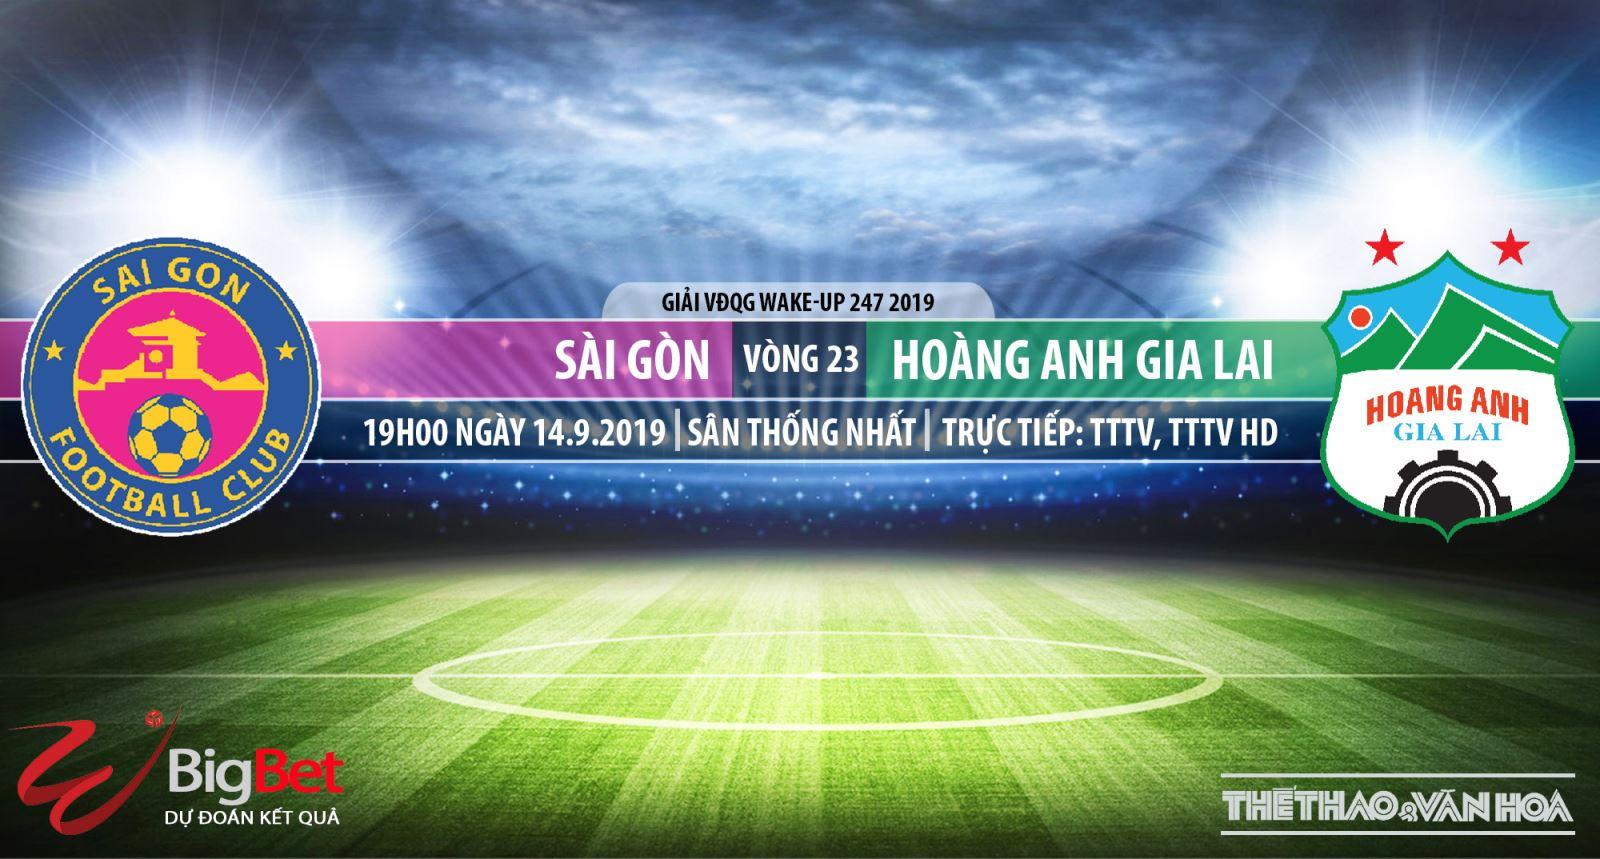 Trực tiếp bóng đá hôm nay:Sài Gòn vs HAGL (19h00). Soi kèo Sài Gòn đấu với HAGL